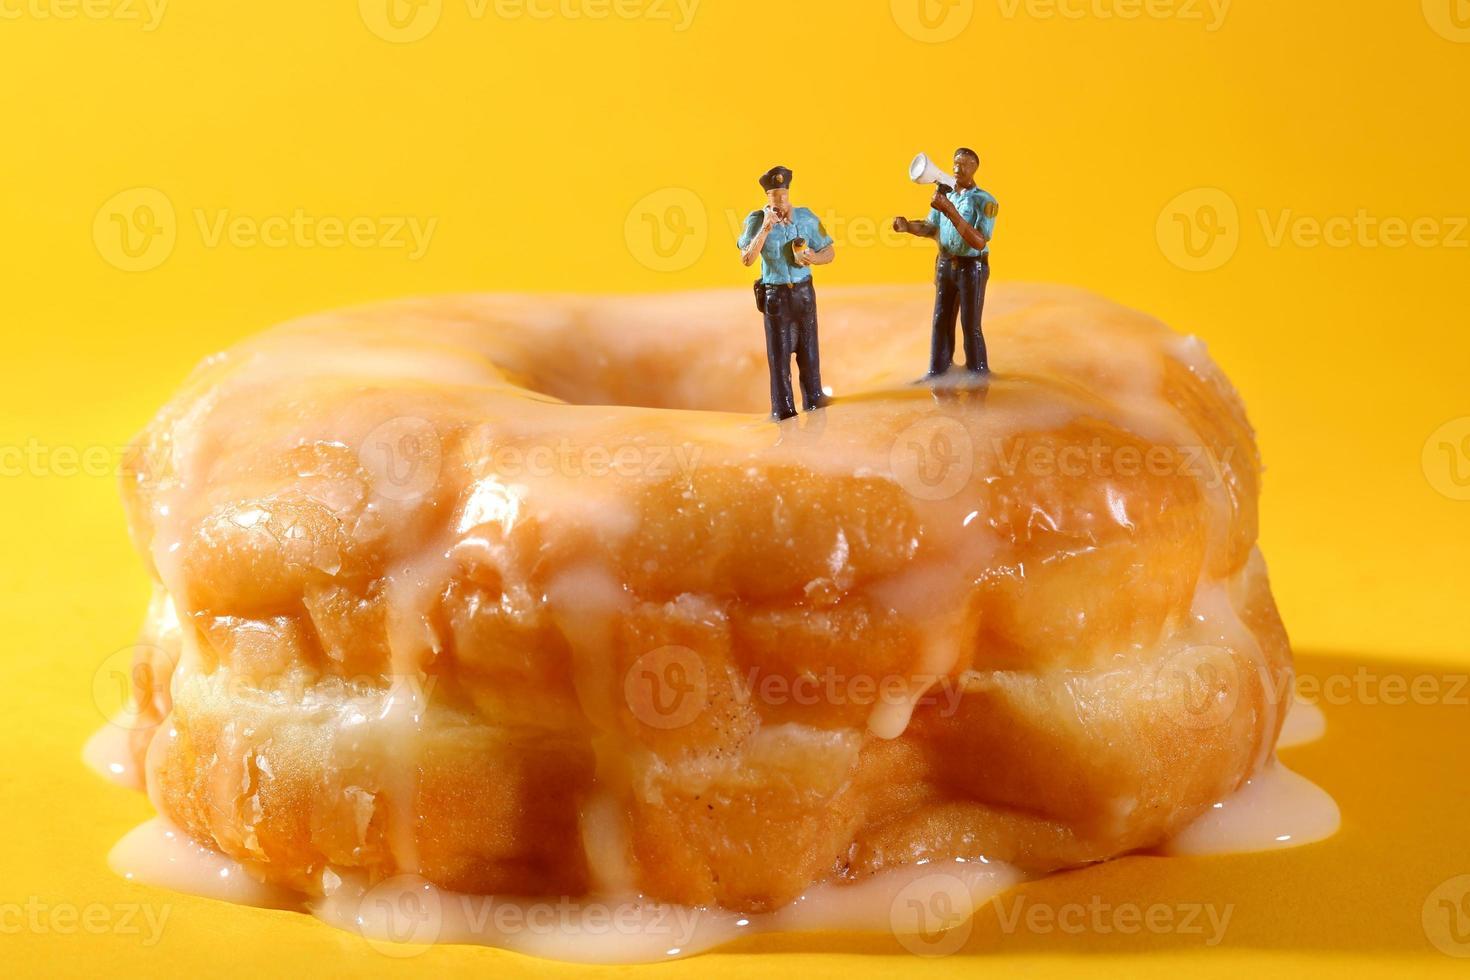 Polizisten in konzeptionellen Essensbildern mit Donuts foto